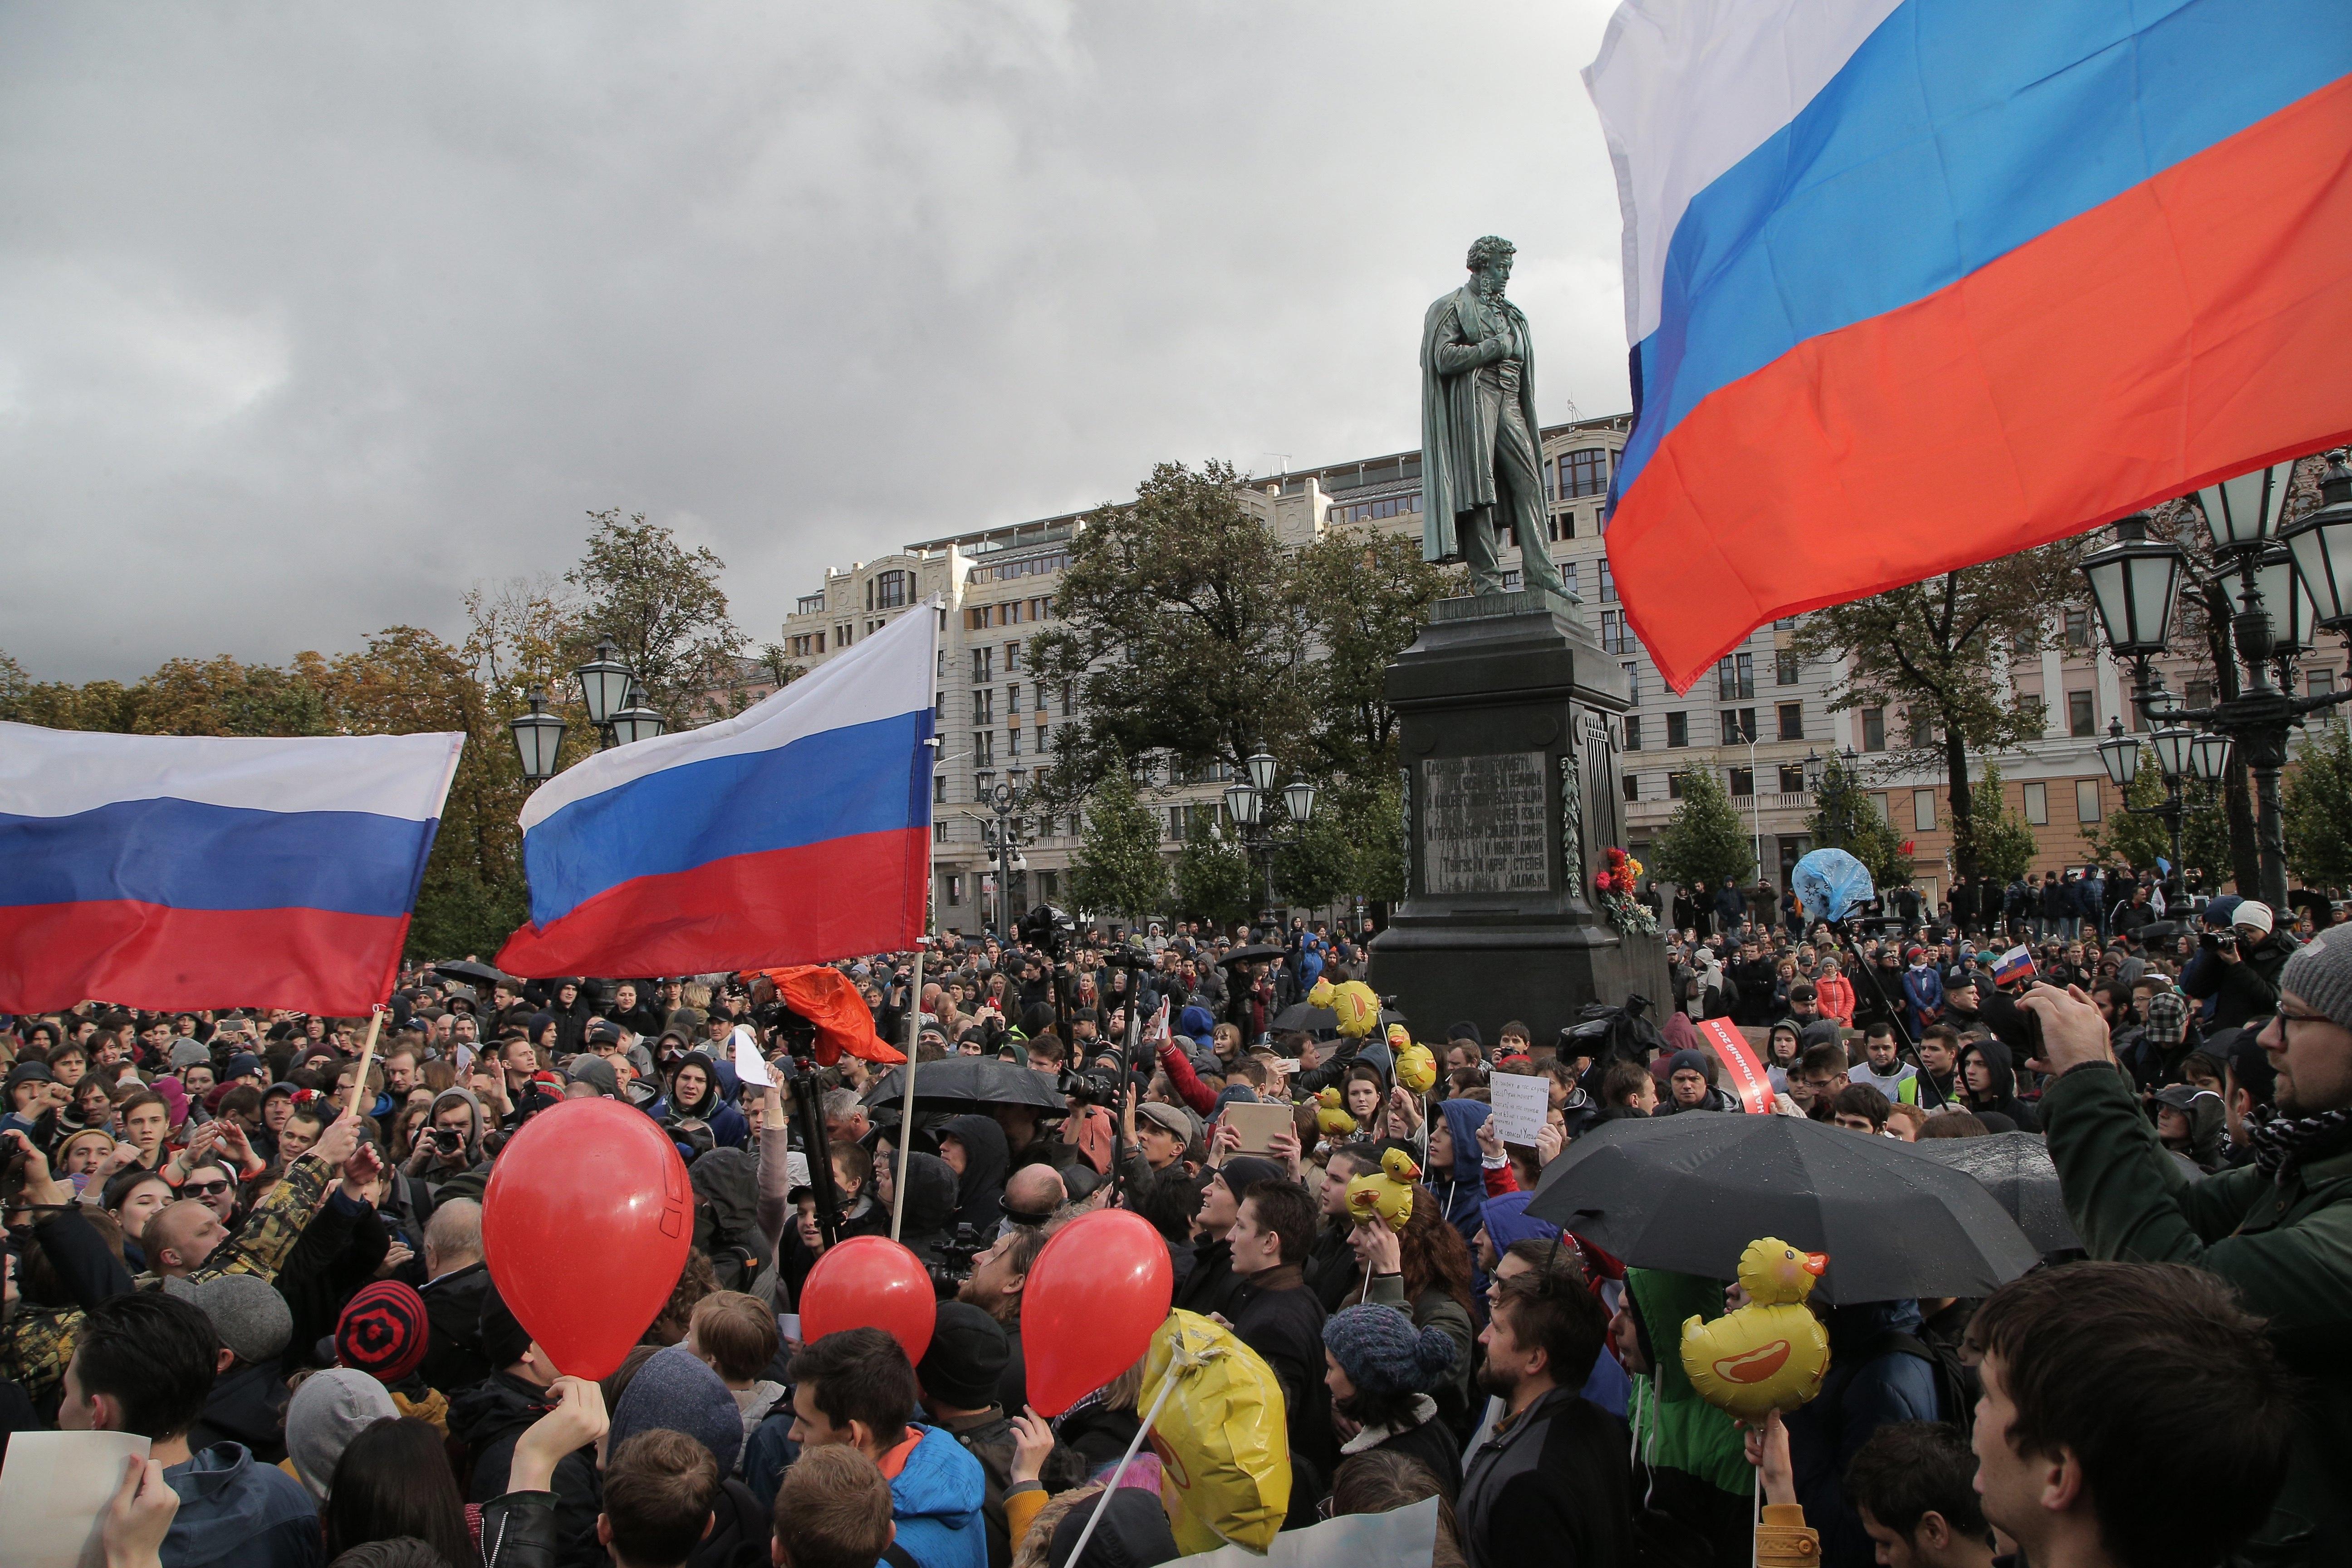 Rússia prende mais de 200 manifestantes em ato anti-Putin